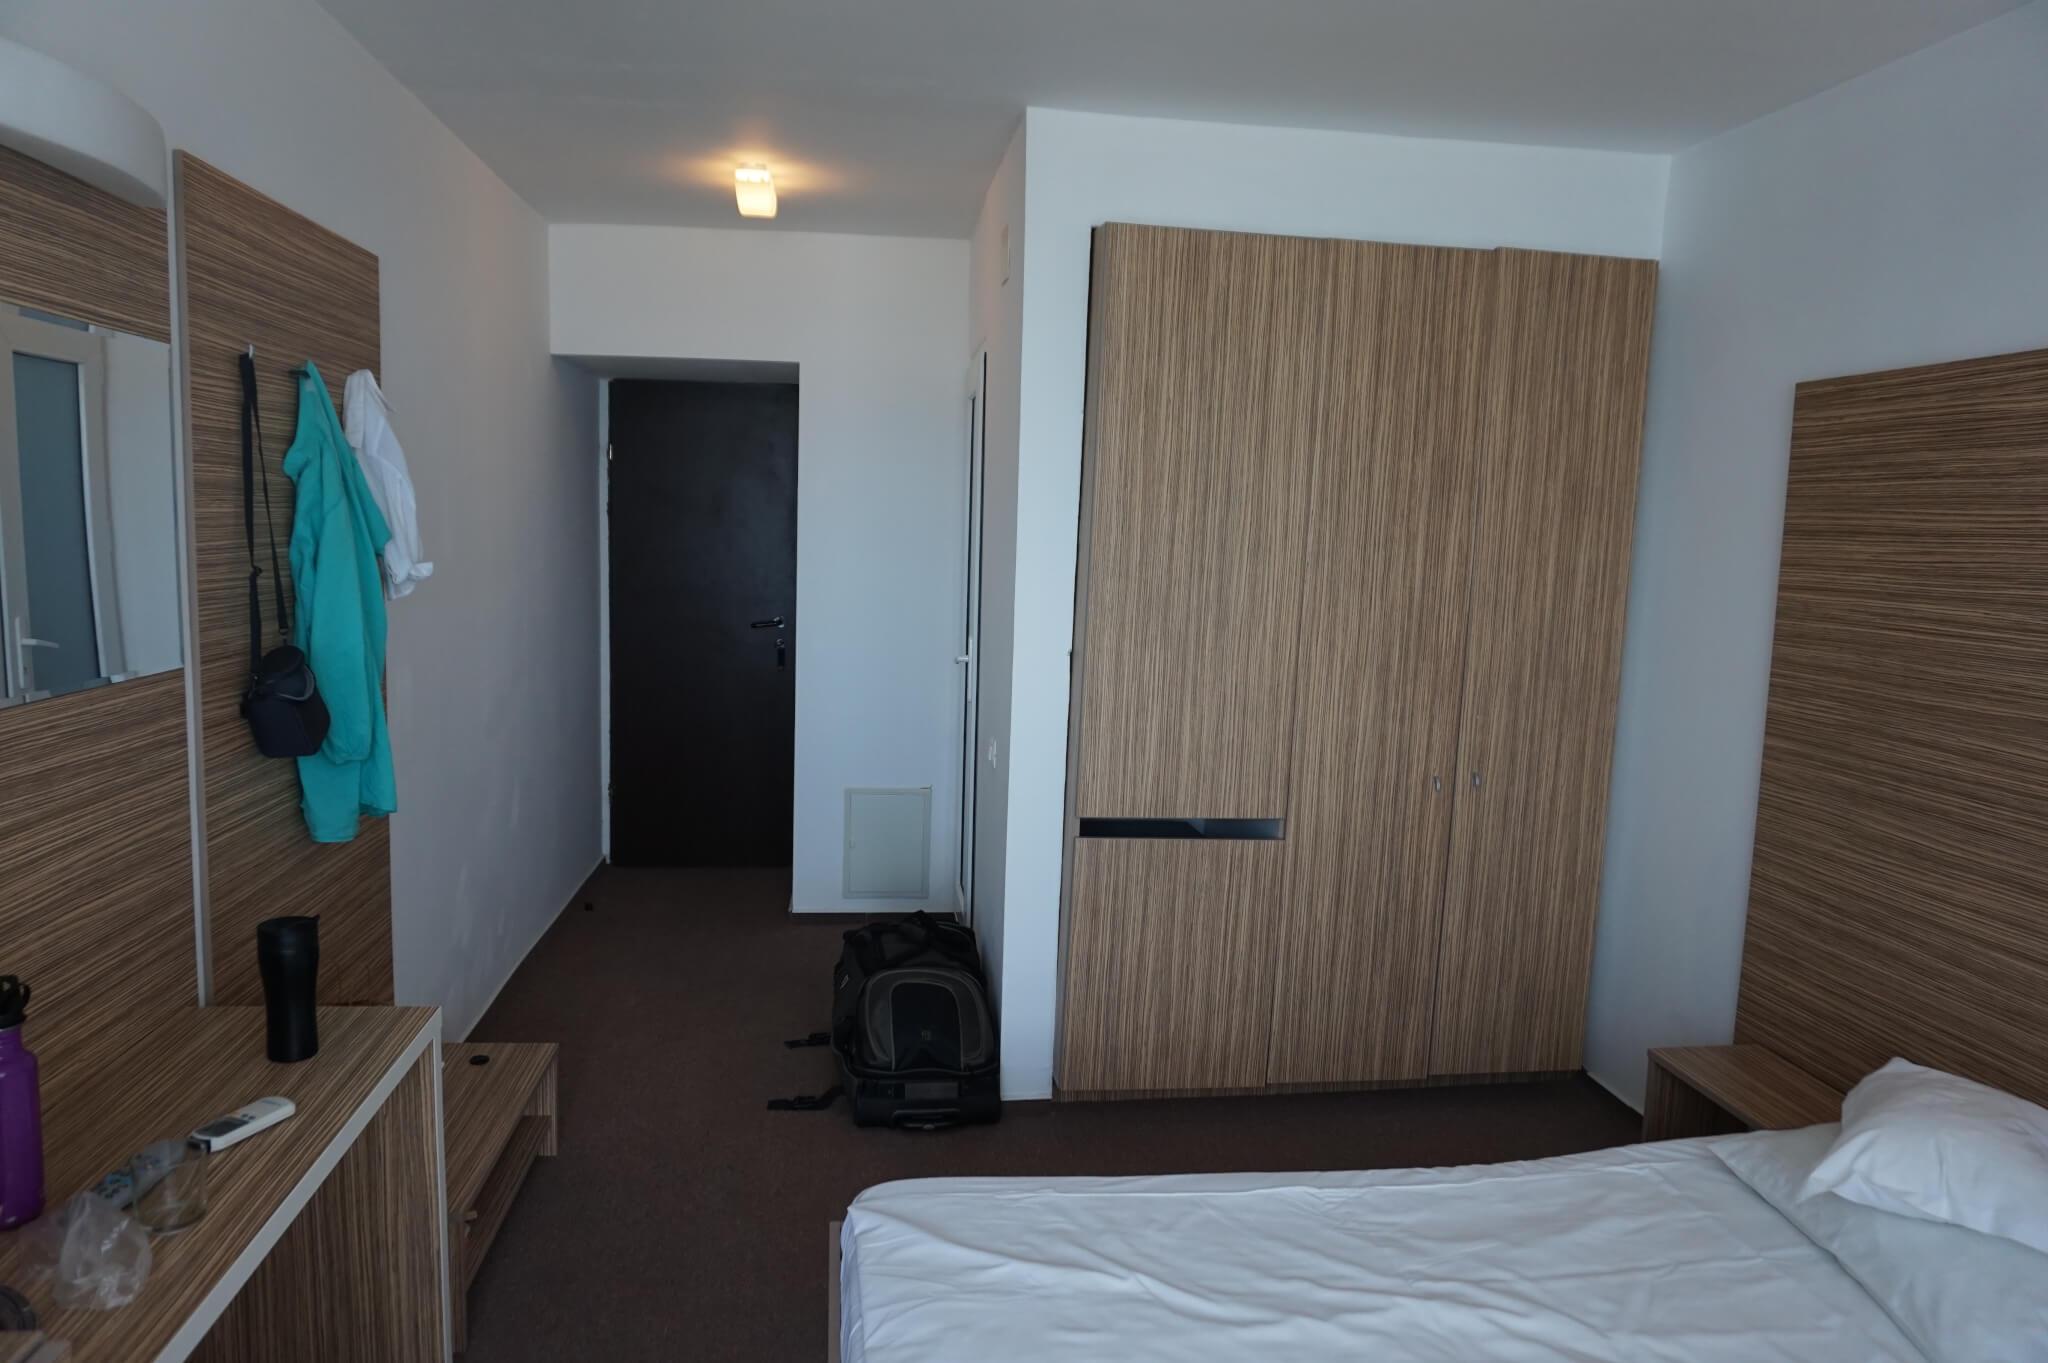 Camera de hotel - alt unghi